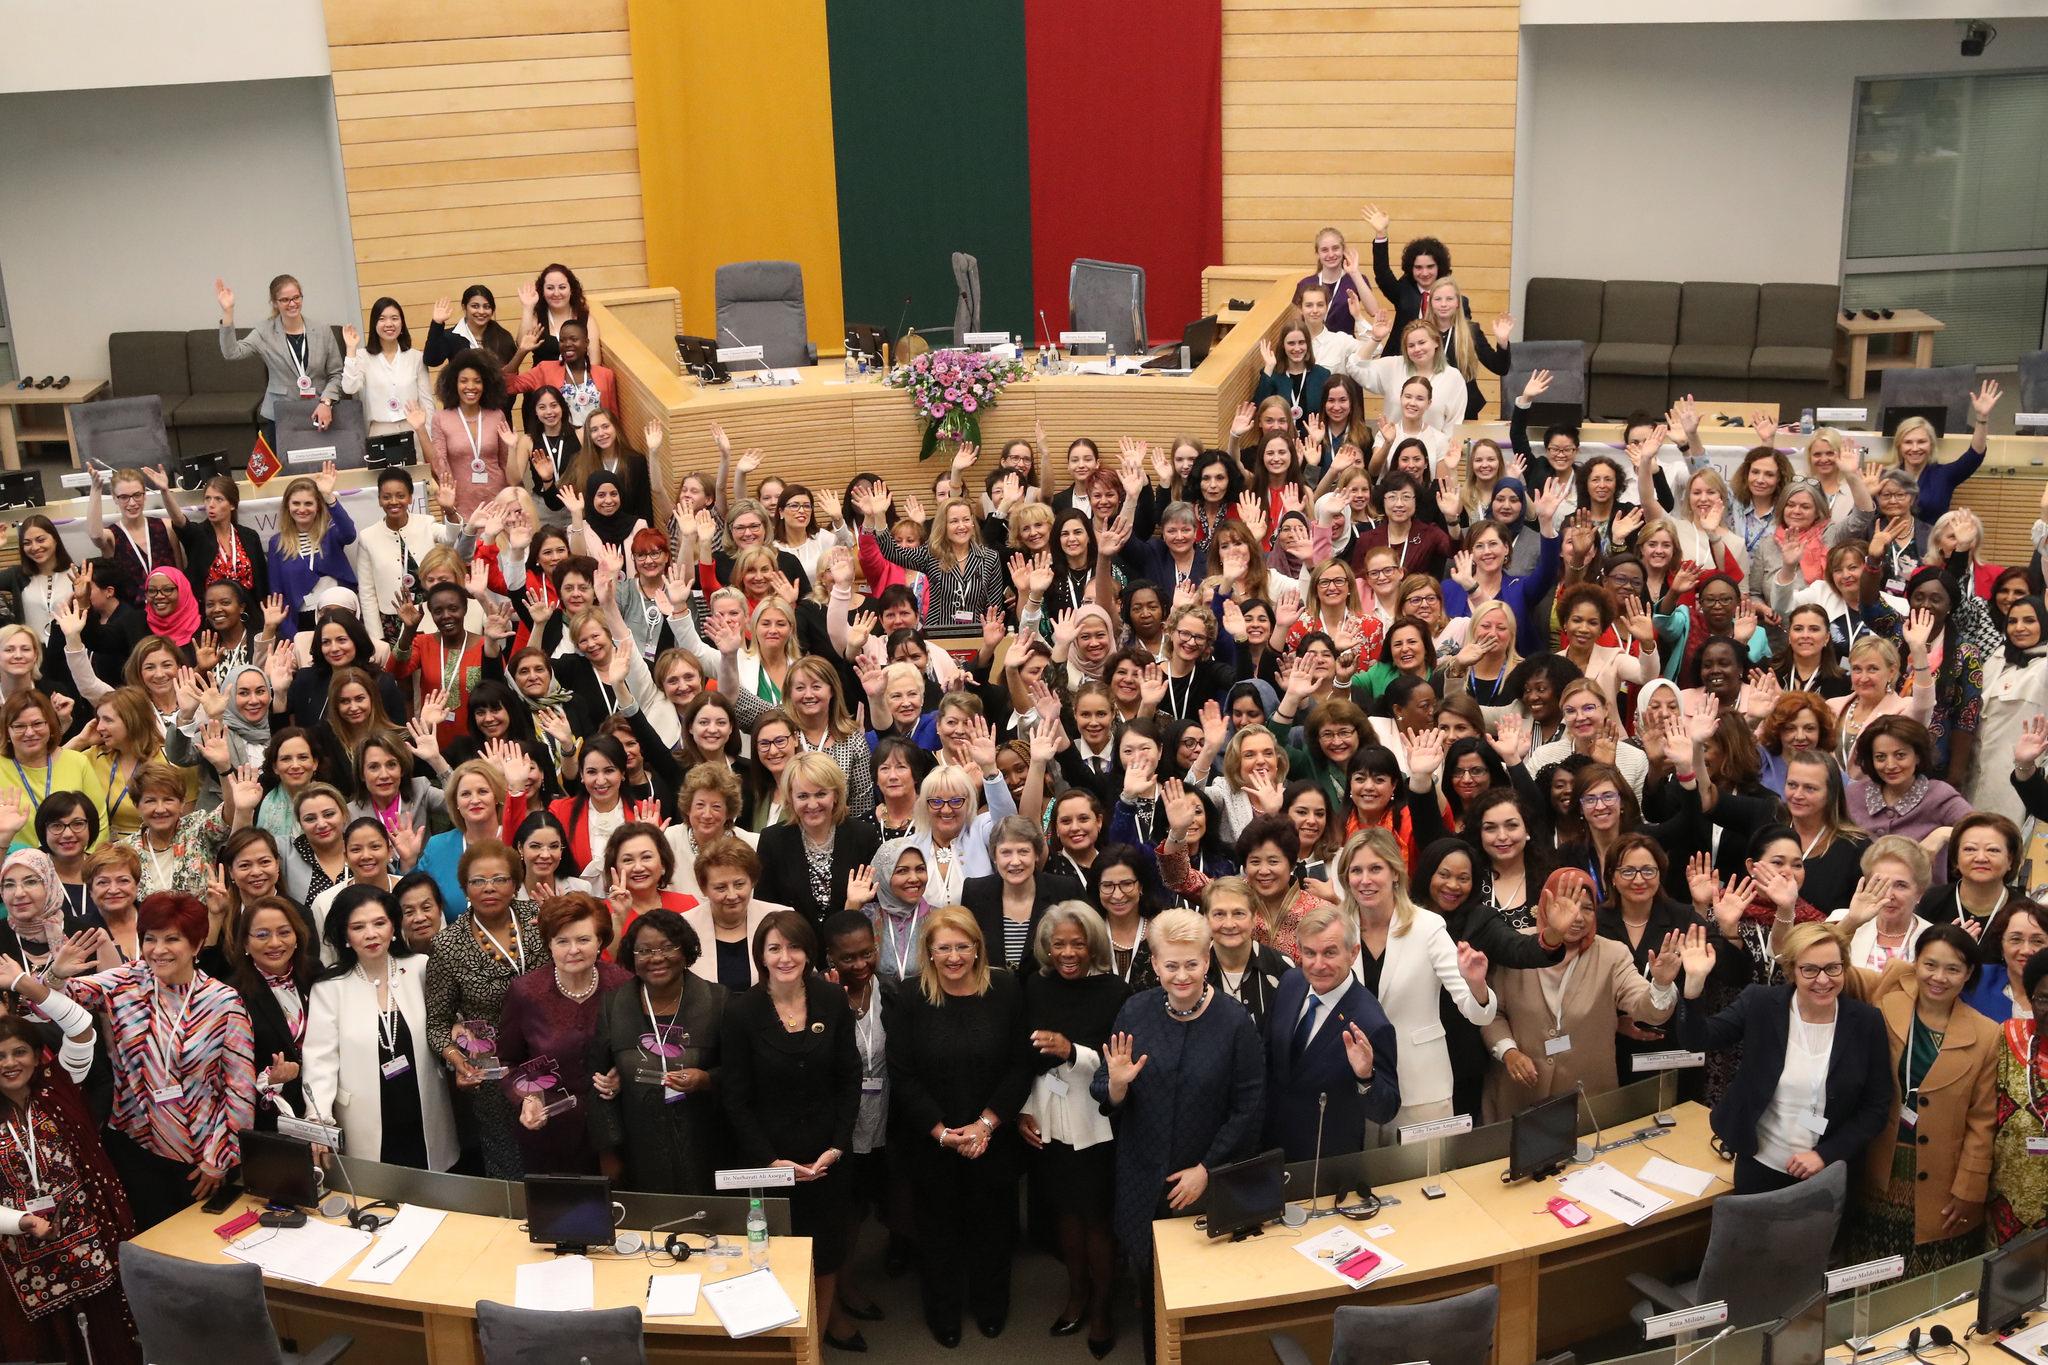 Moterų politikos lyderių suvažiavimas | Seimo kanceliarijos nuotr.